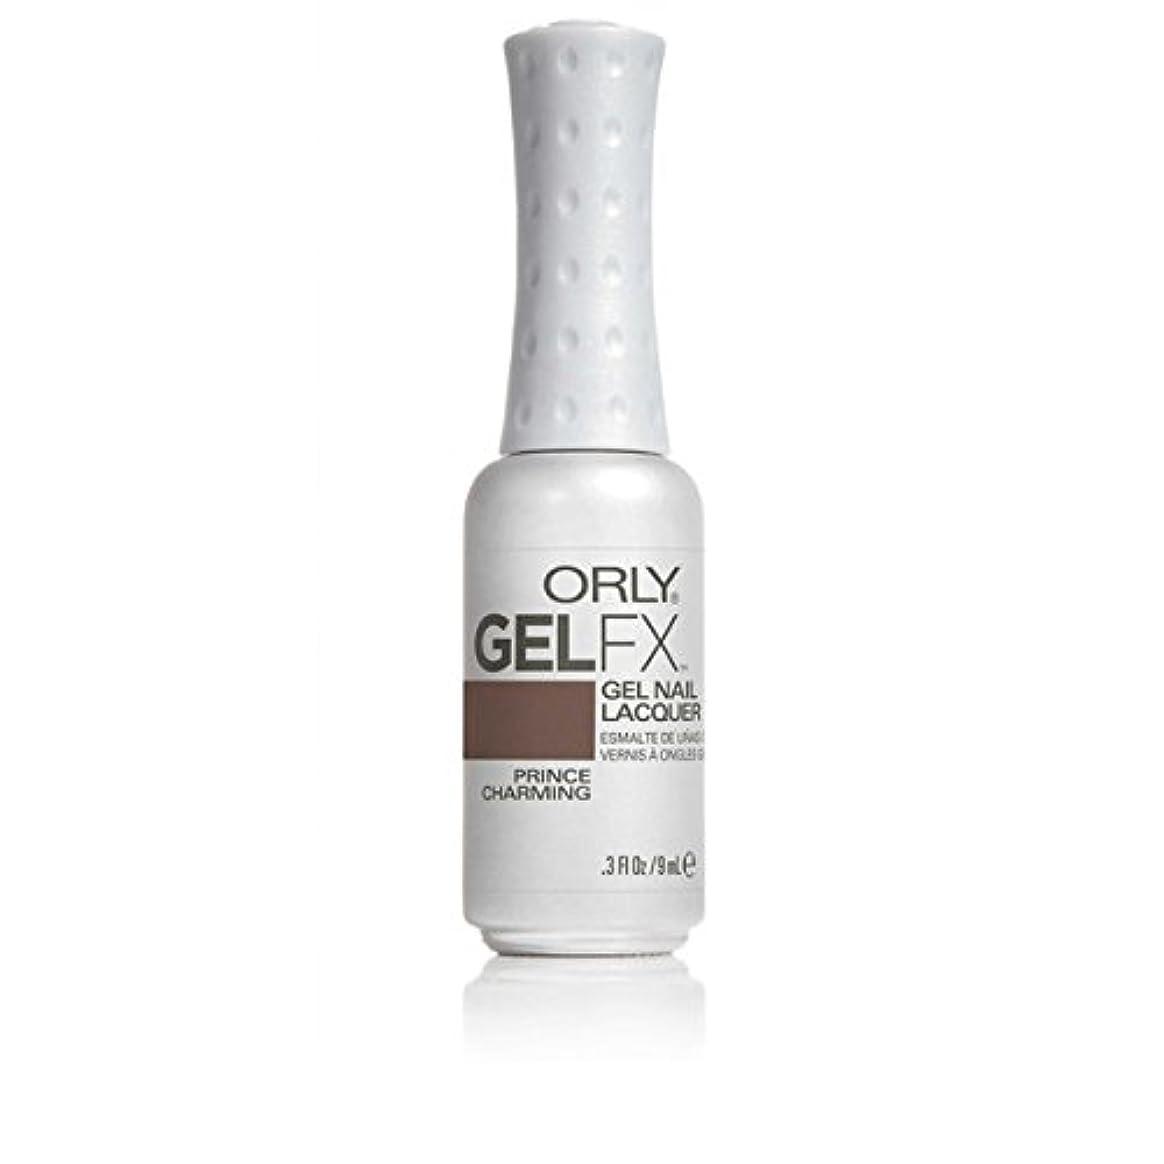 吹雪セラフ役割ORLY(オーリー)ジェルFXジェルネイルラッカー 9ml プリンスチャーミング#30715